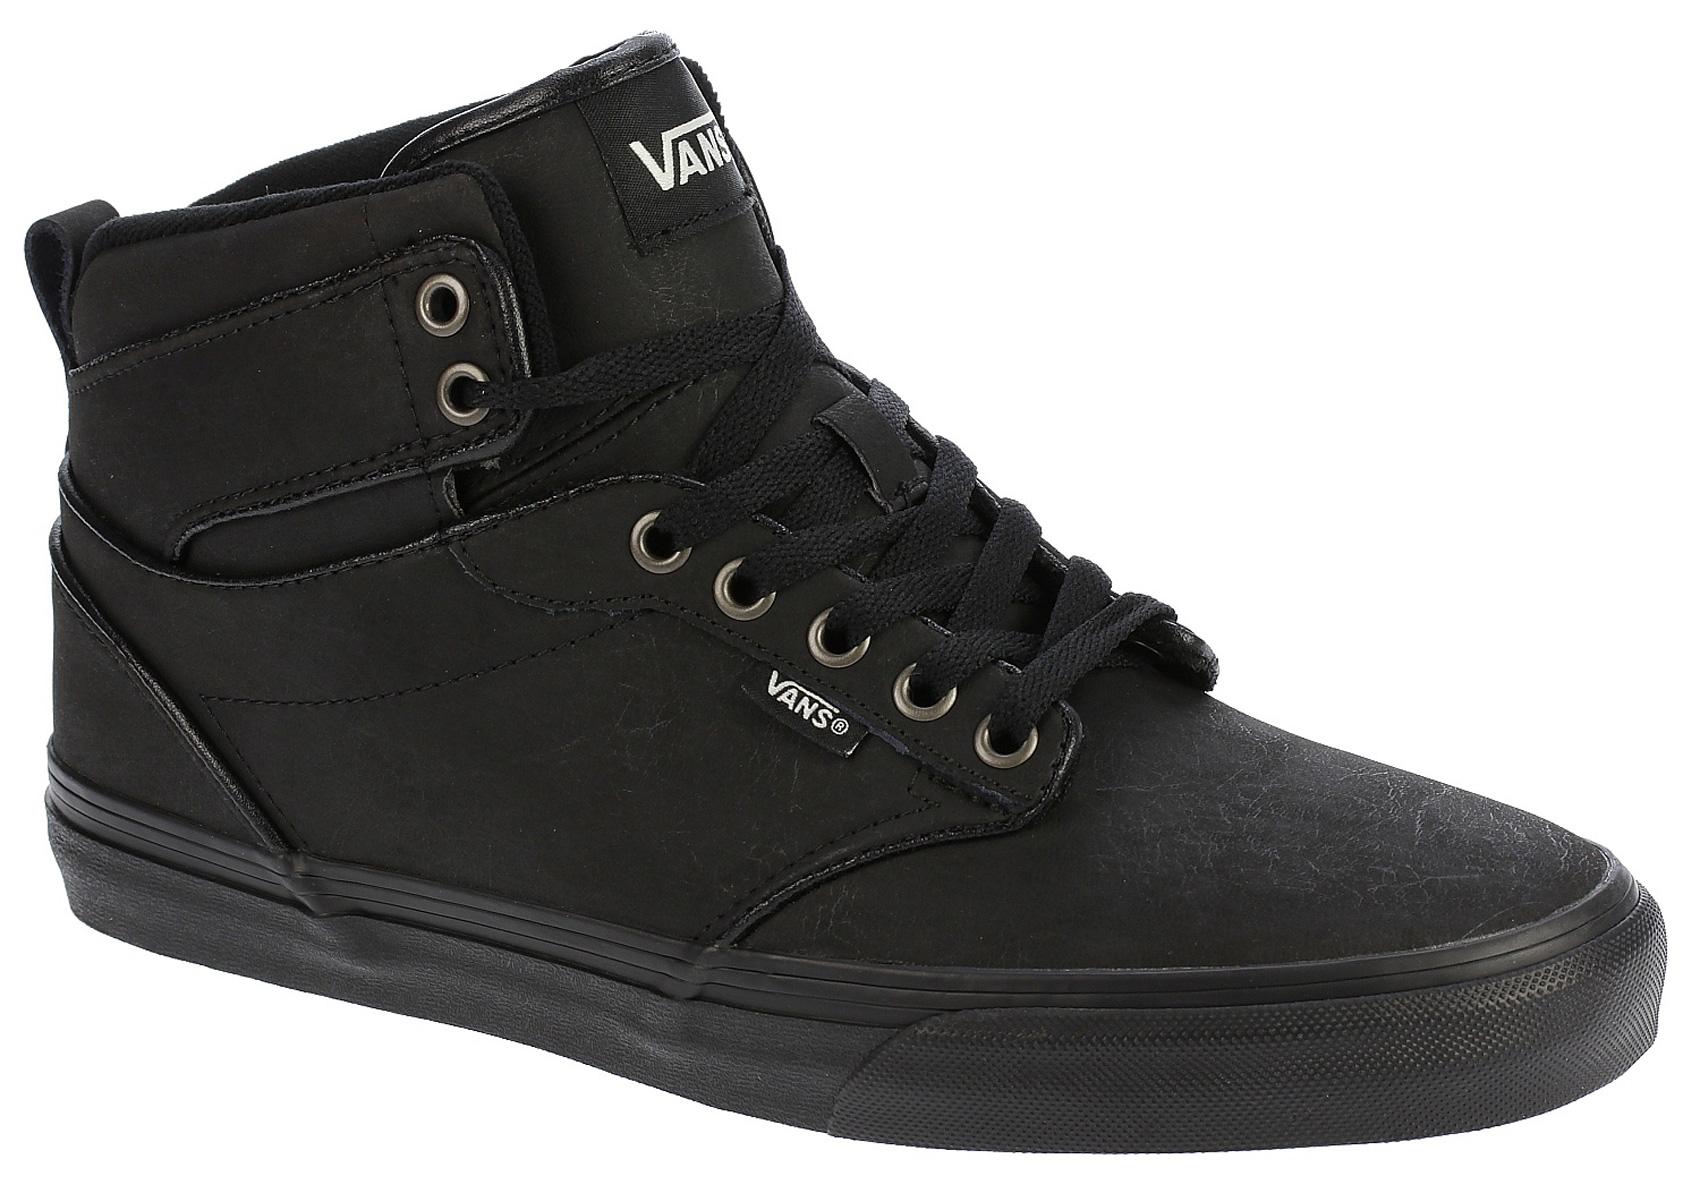 Vans-Chaussures-De-Skate-Atwood-Hi-Cuir-Gris-Frost-Marshmellow-Noir